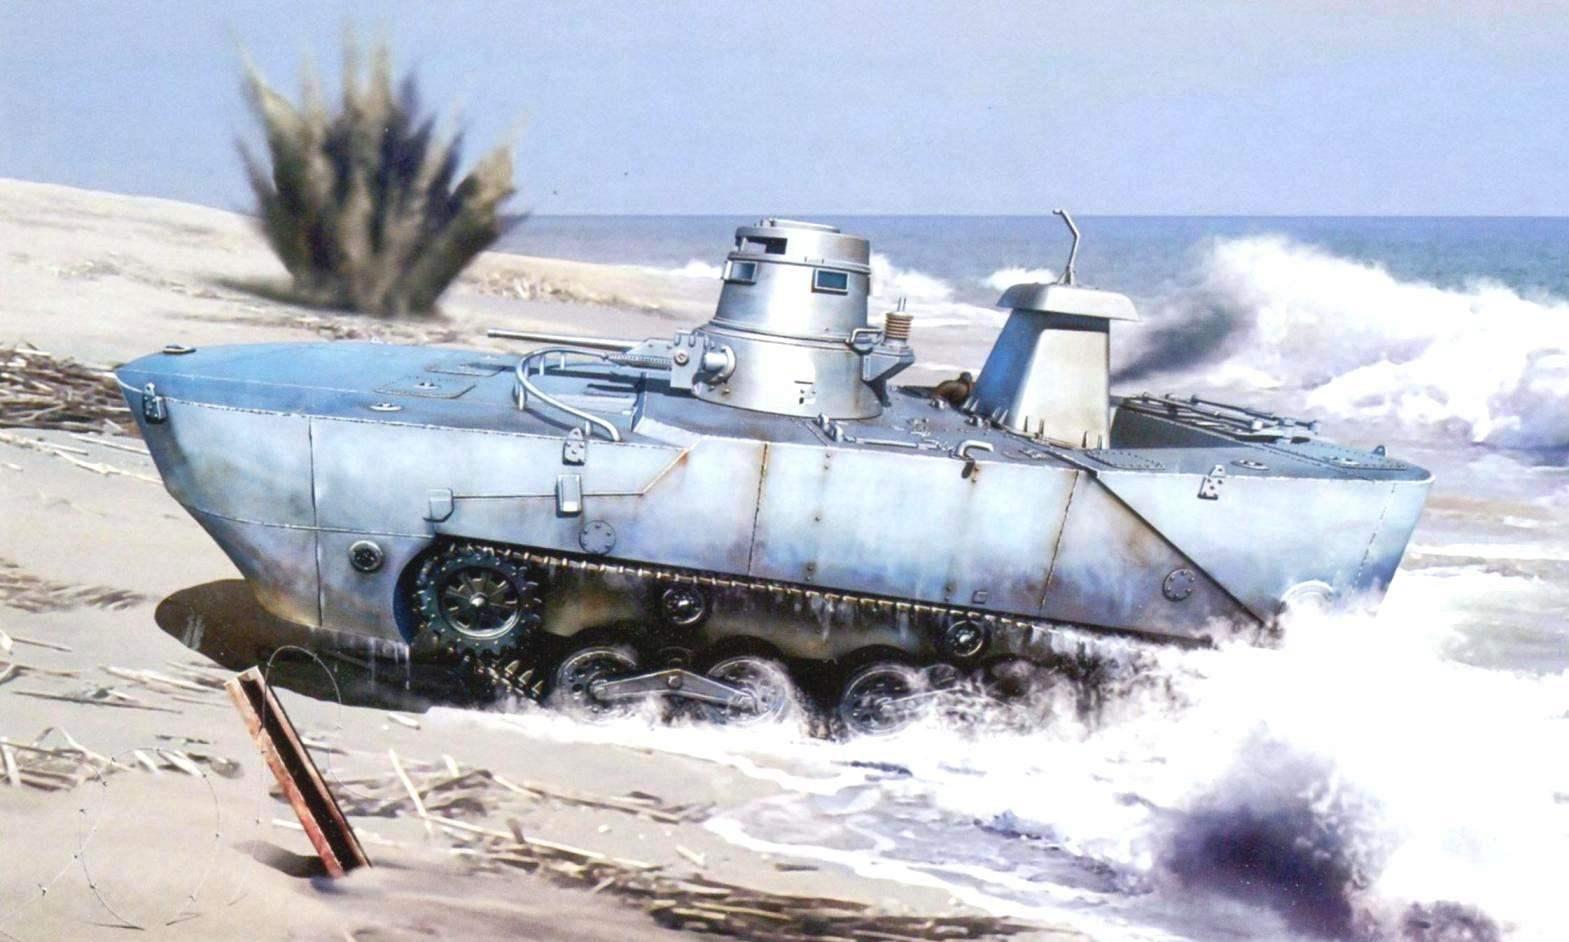 Плавающий танк «Ка-Ми» создан по заказу Императорского флота